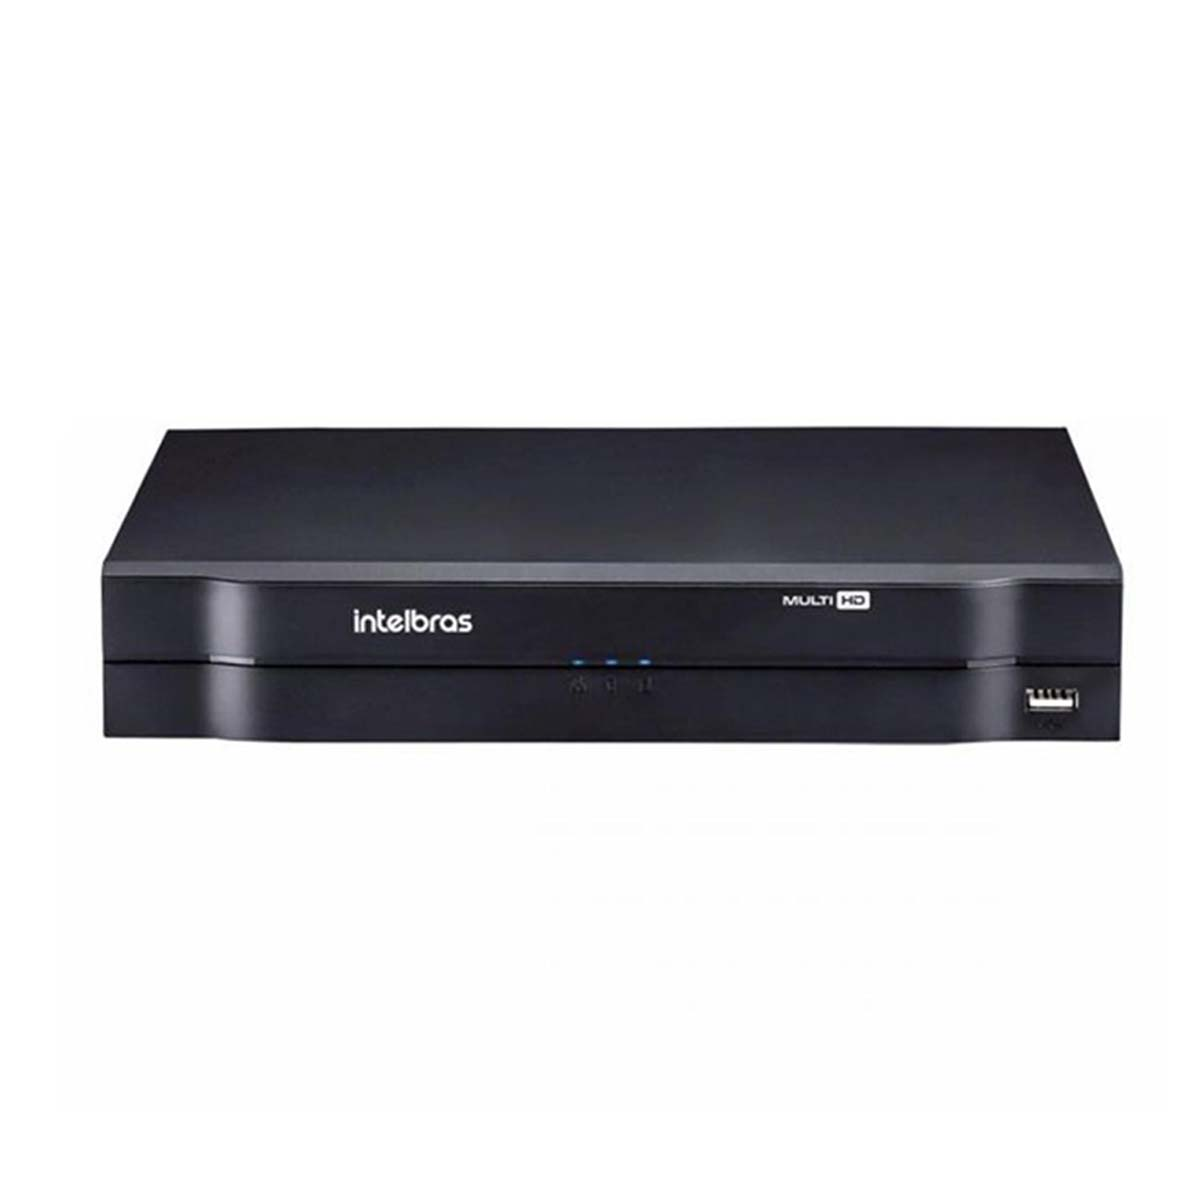 Kit CFTV 16 Câmeras VHD 1120 B G6 + MHDX 1116 S/HD + Itens